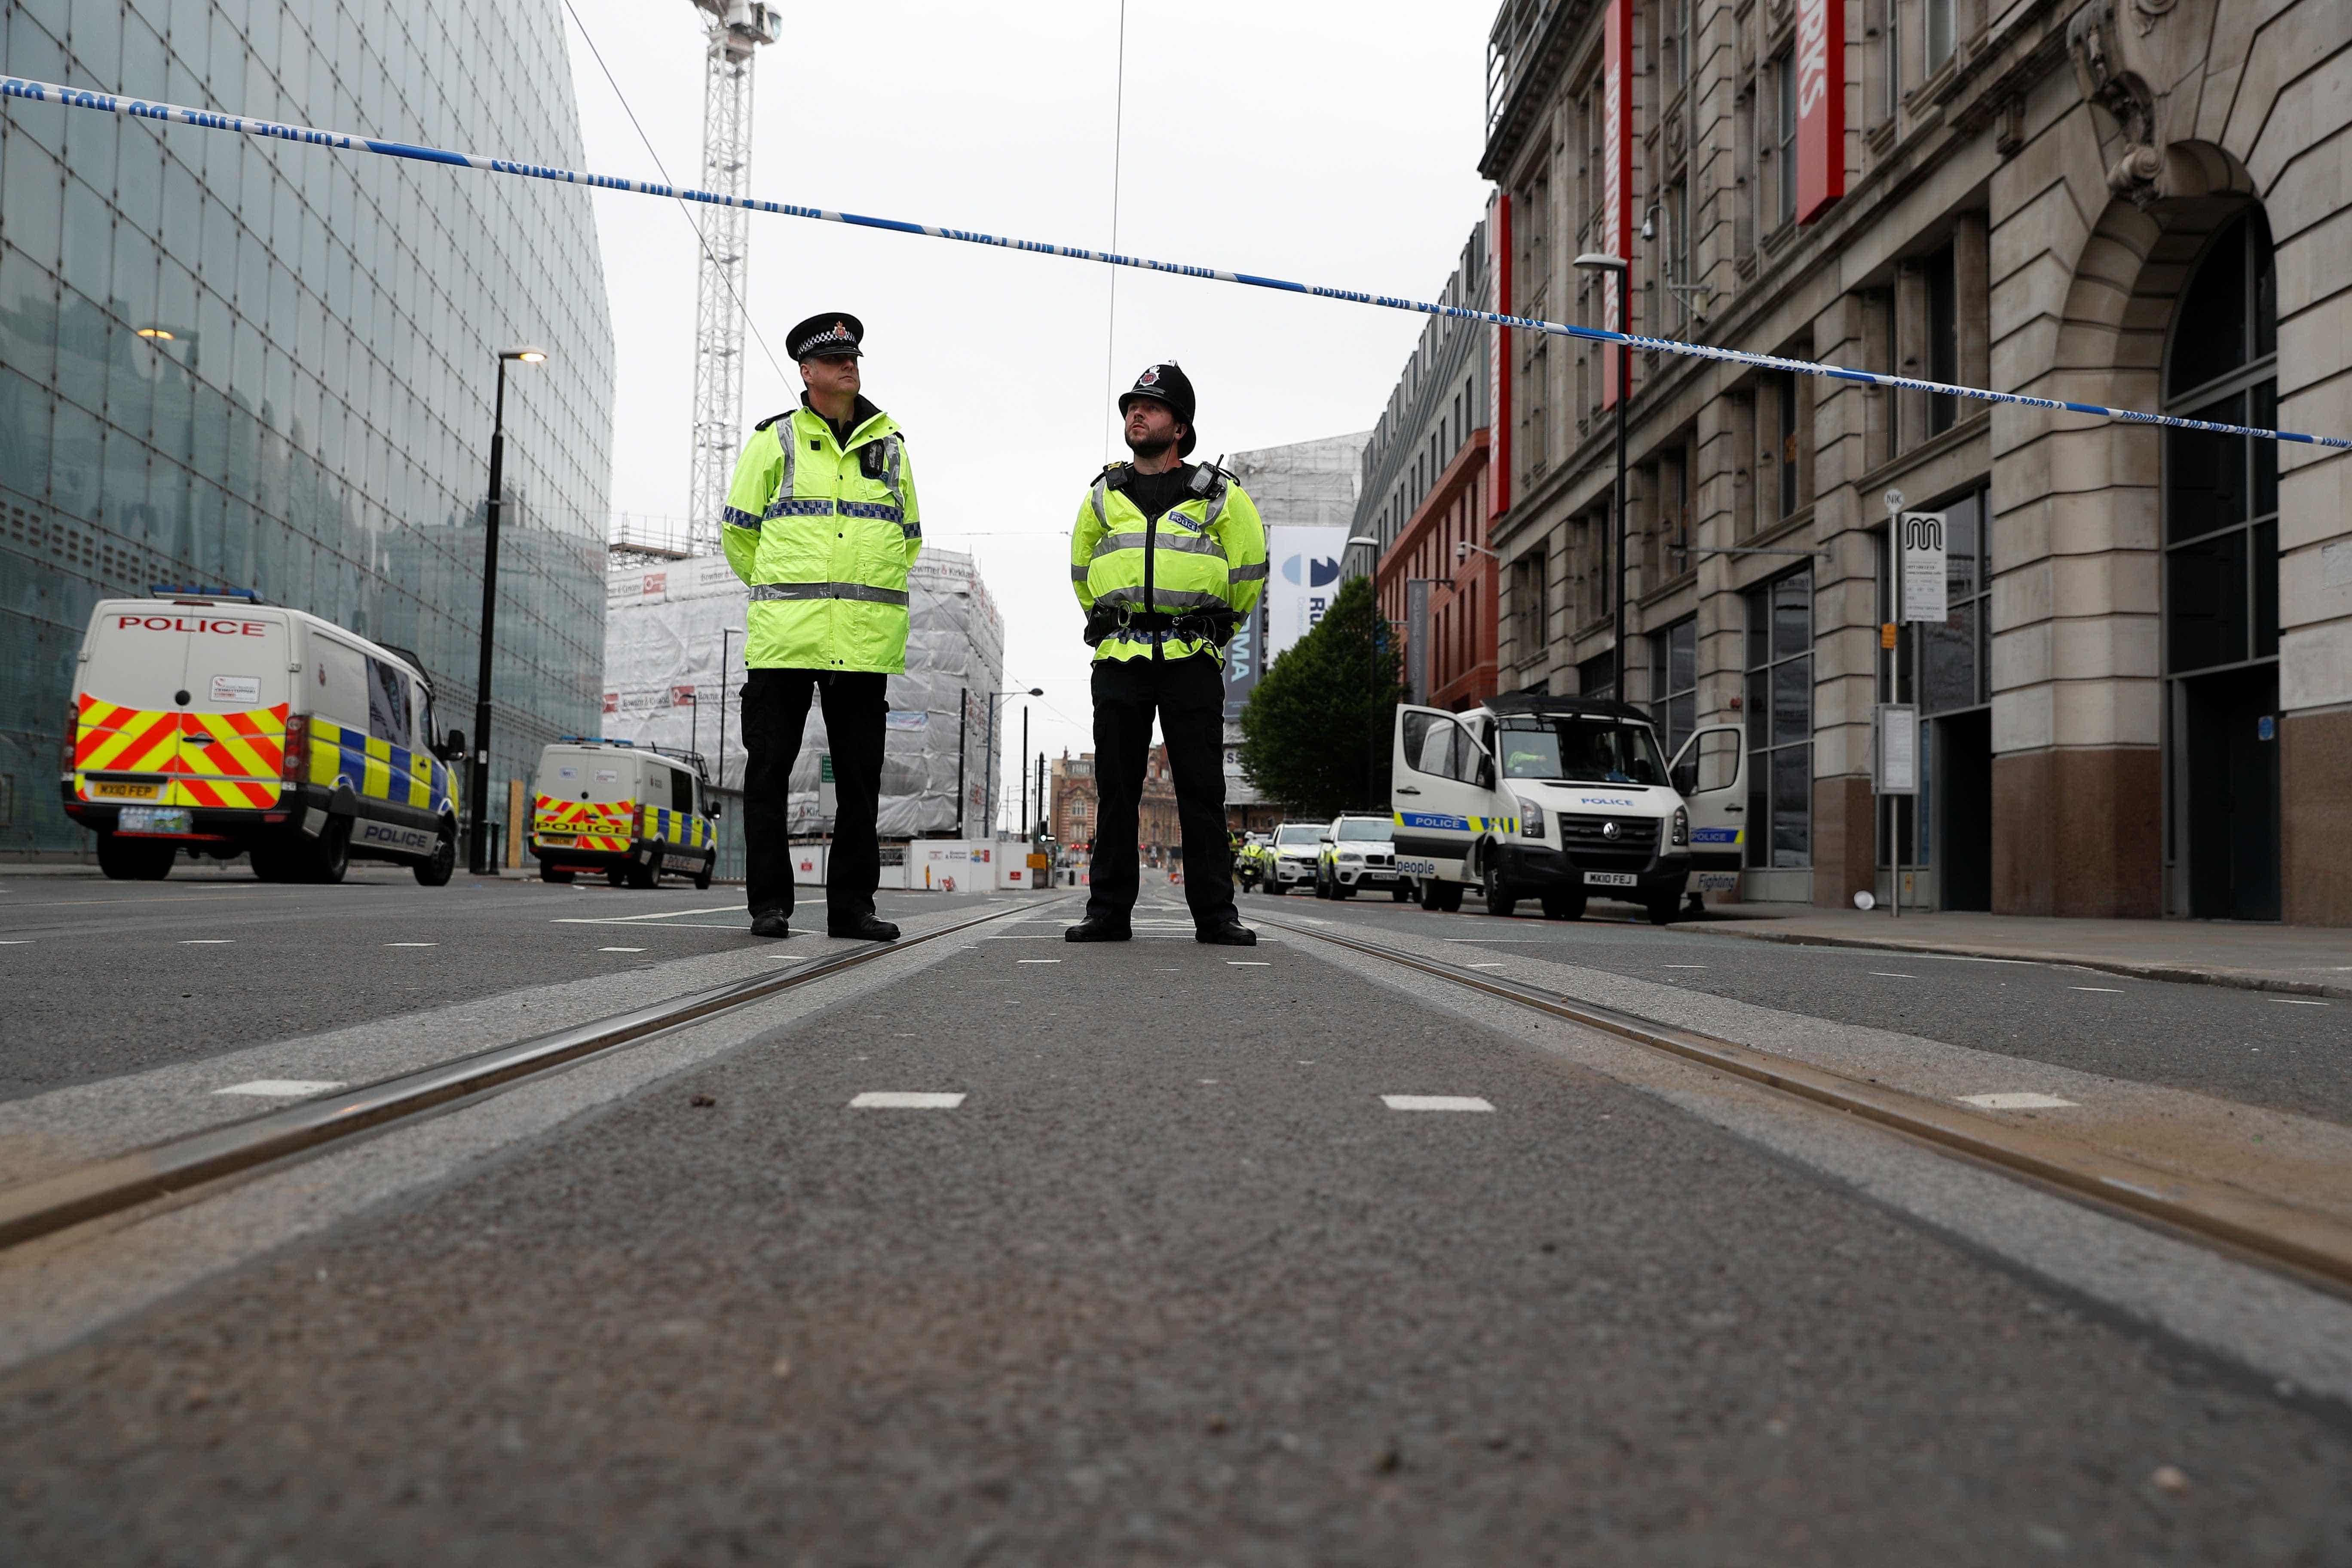 Esfaqueamento em Manchester é tratado como terrorismo